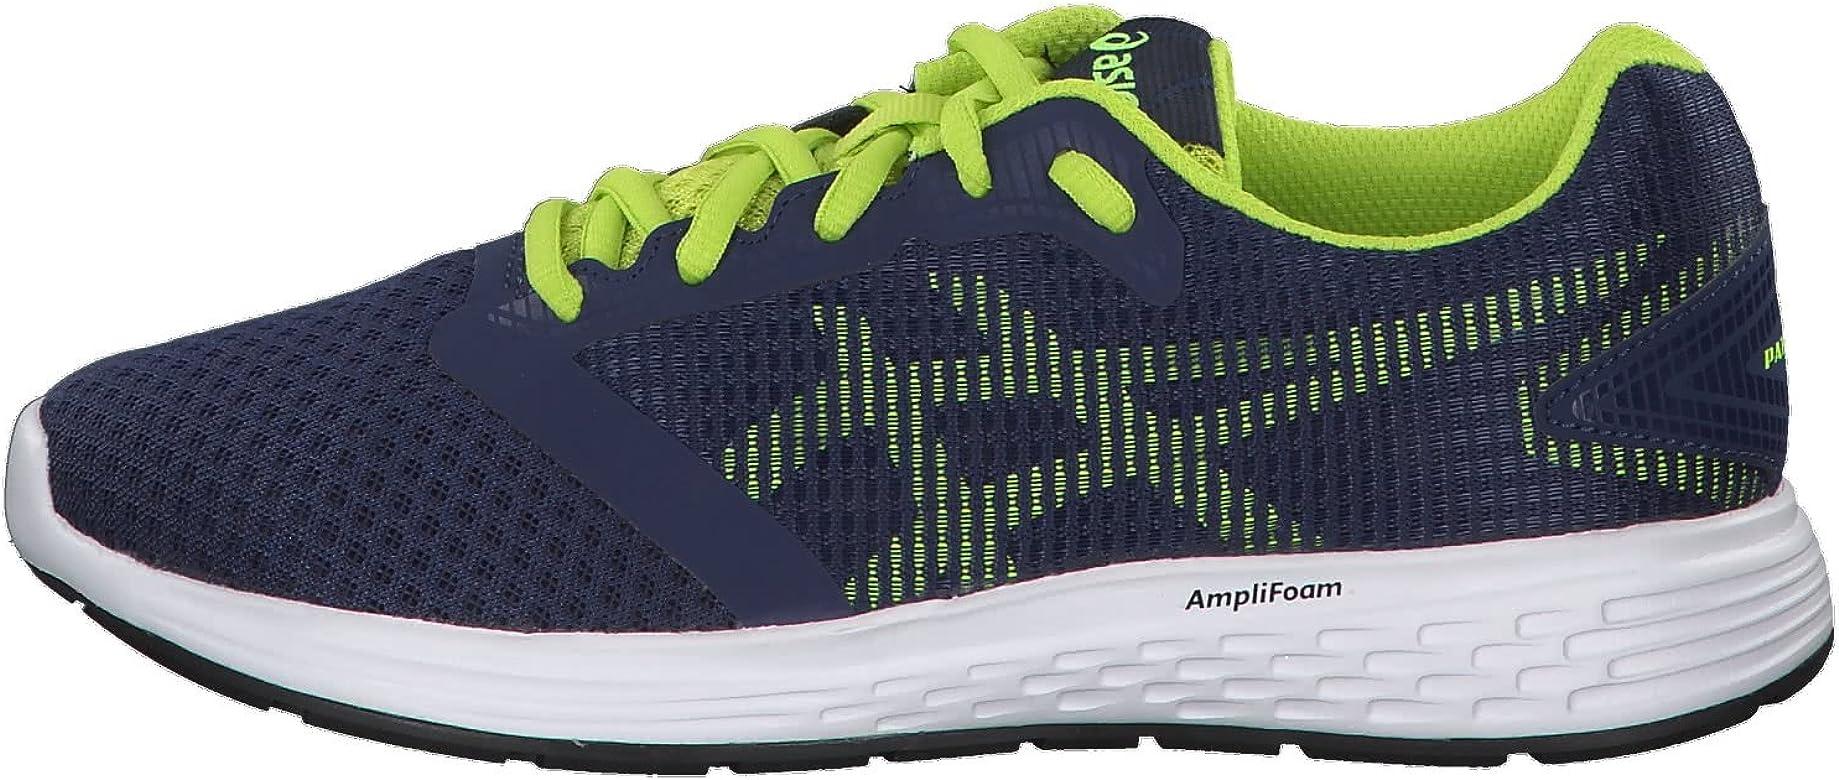 Asics Patriot 10 GS, Zapatillas de Entrenamiento Unisex Niños, Azul (Deep Ocean/Flash Yellow 401), 35.5 EU: Amazon.es: Zapatos y complementos